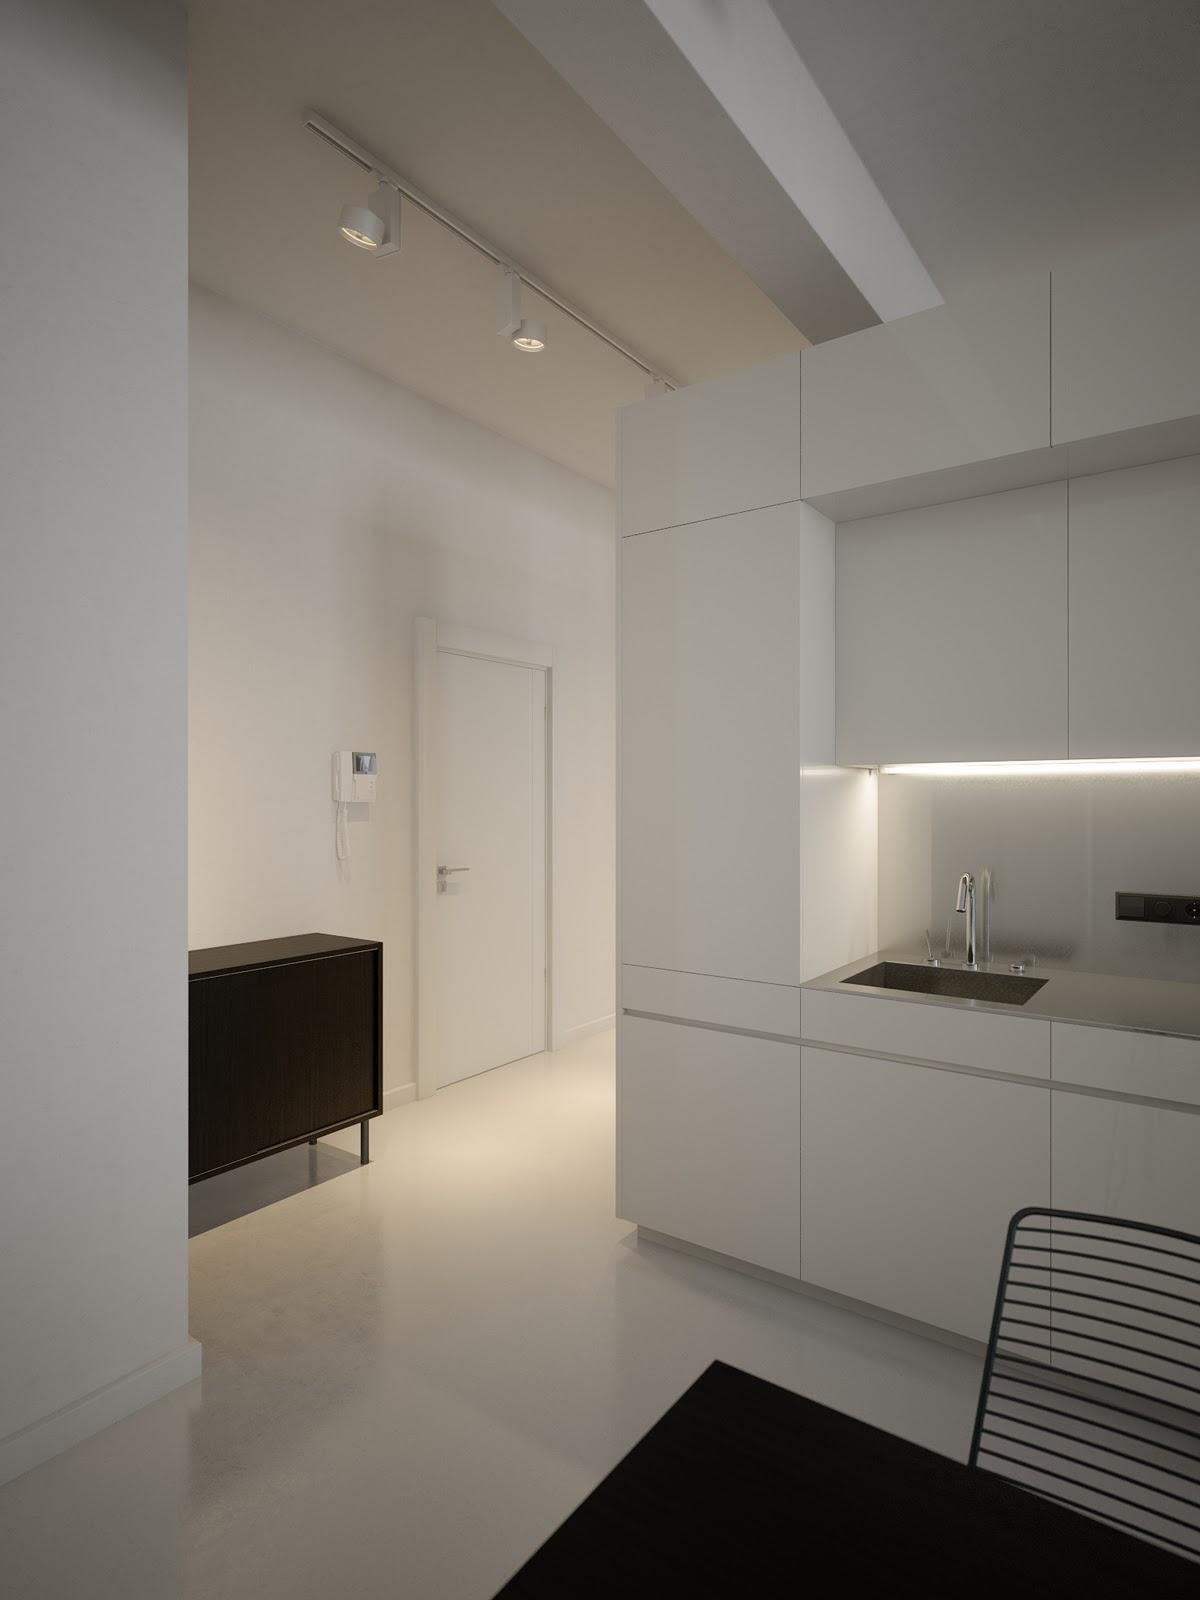 White Kitchen Cabinets Slab Frontinterior Design Ideas